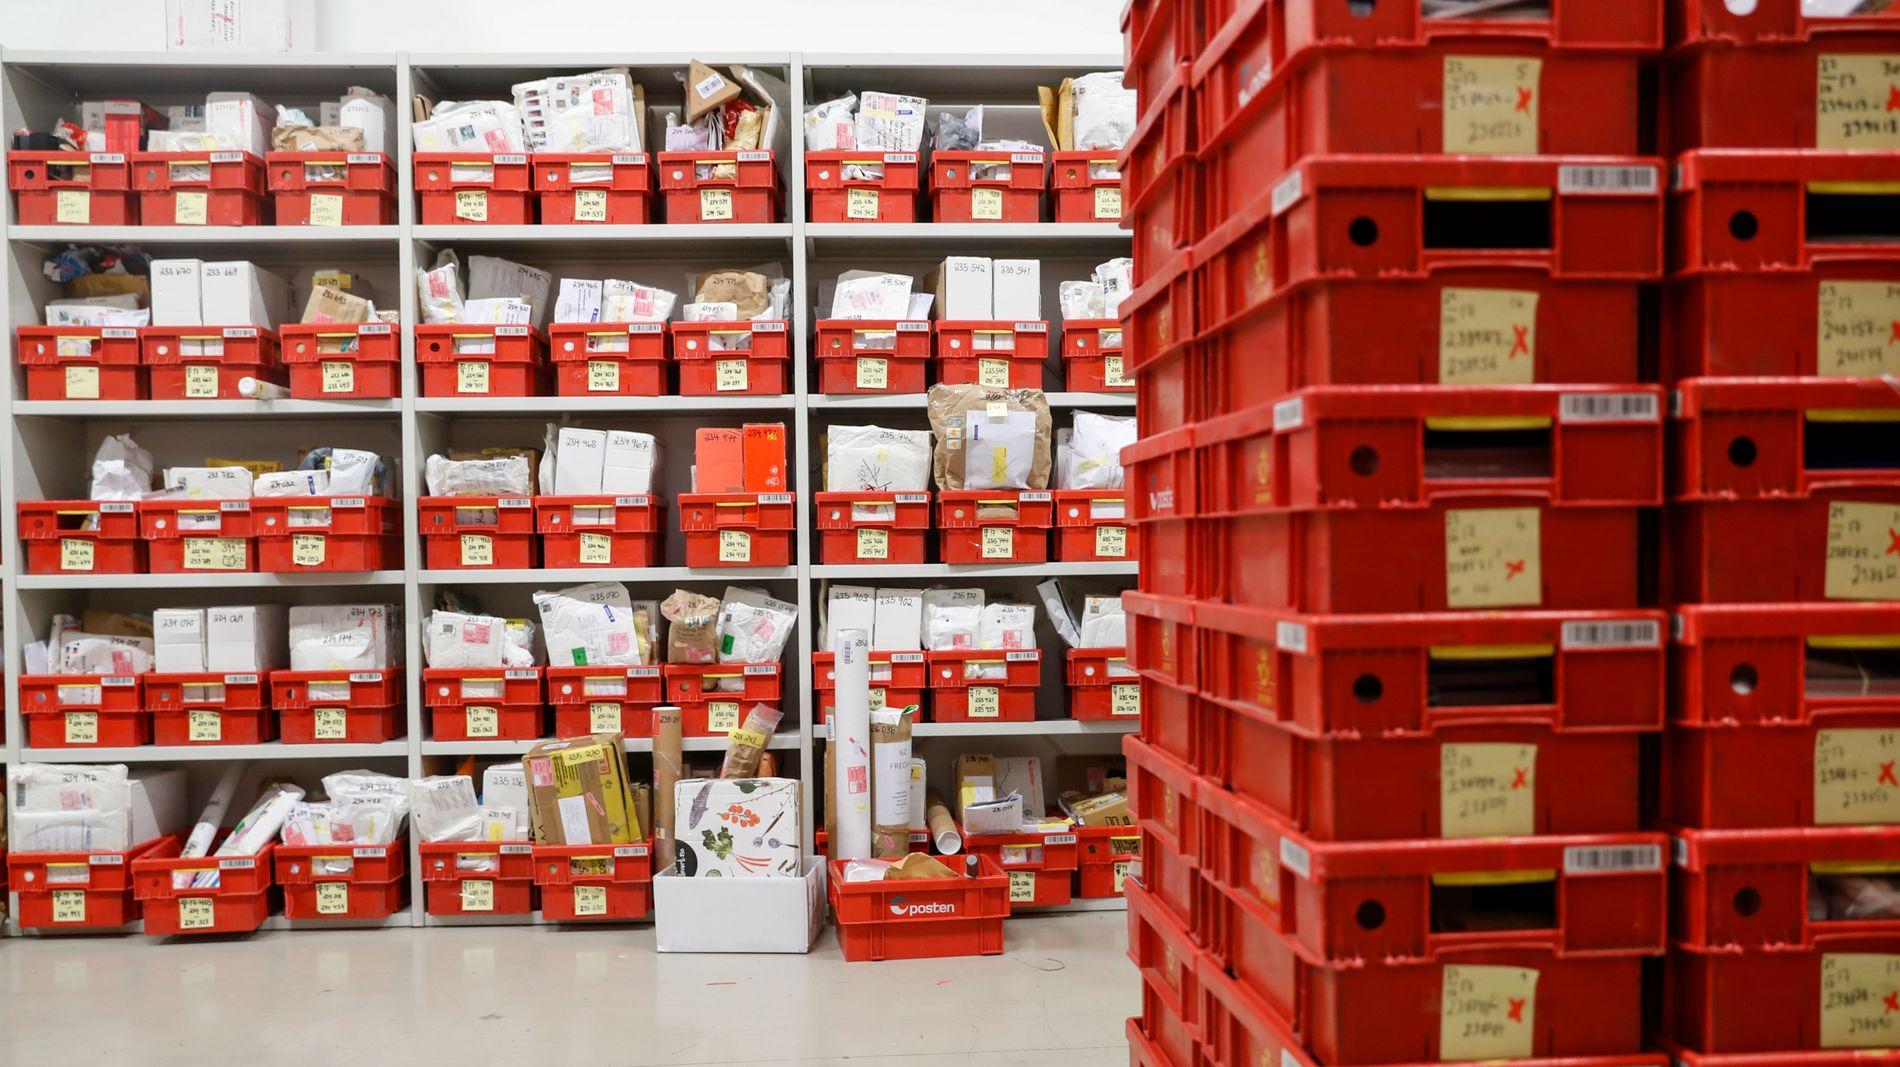 FÆRRE BREV: Den gjennomsnittlige familien får tre brev i uken. Posten mener det ikke er grunnlag for daglig postlevering.